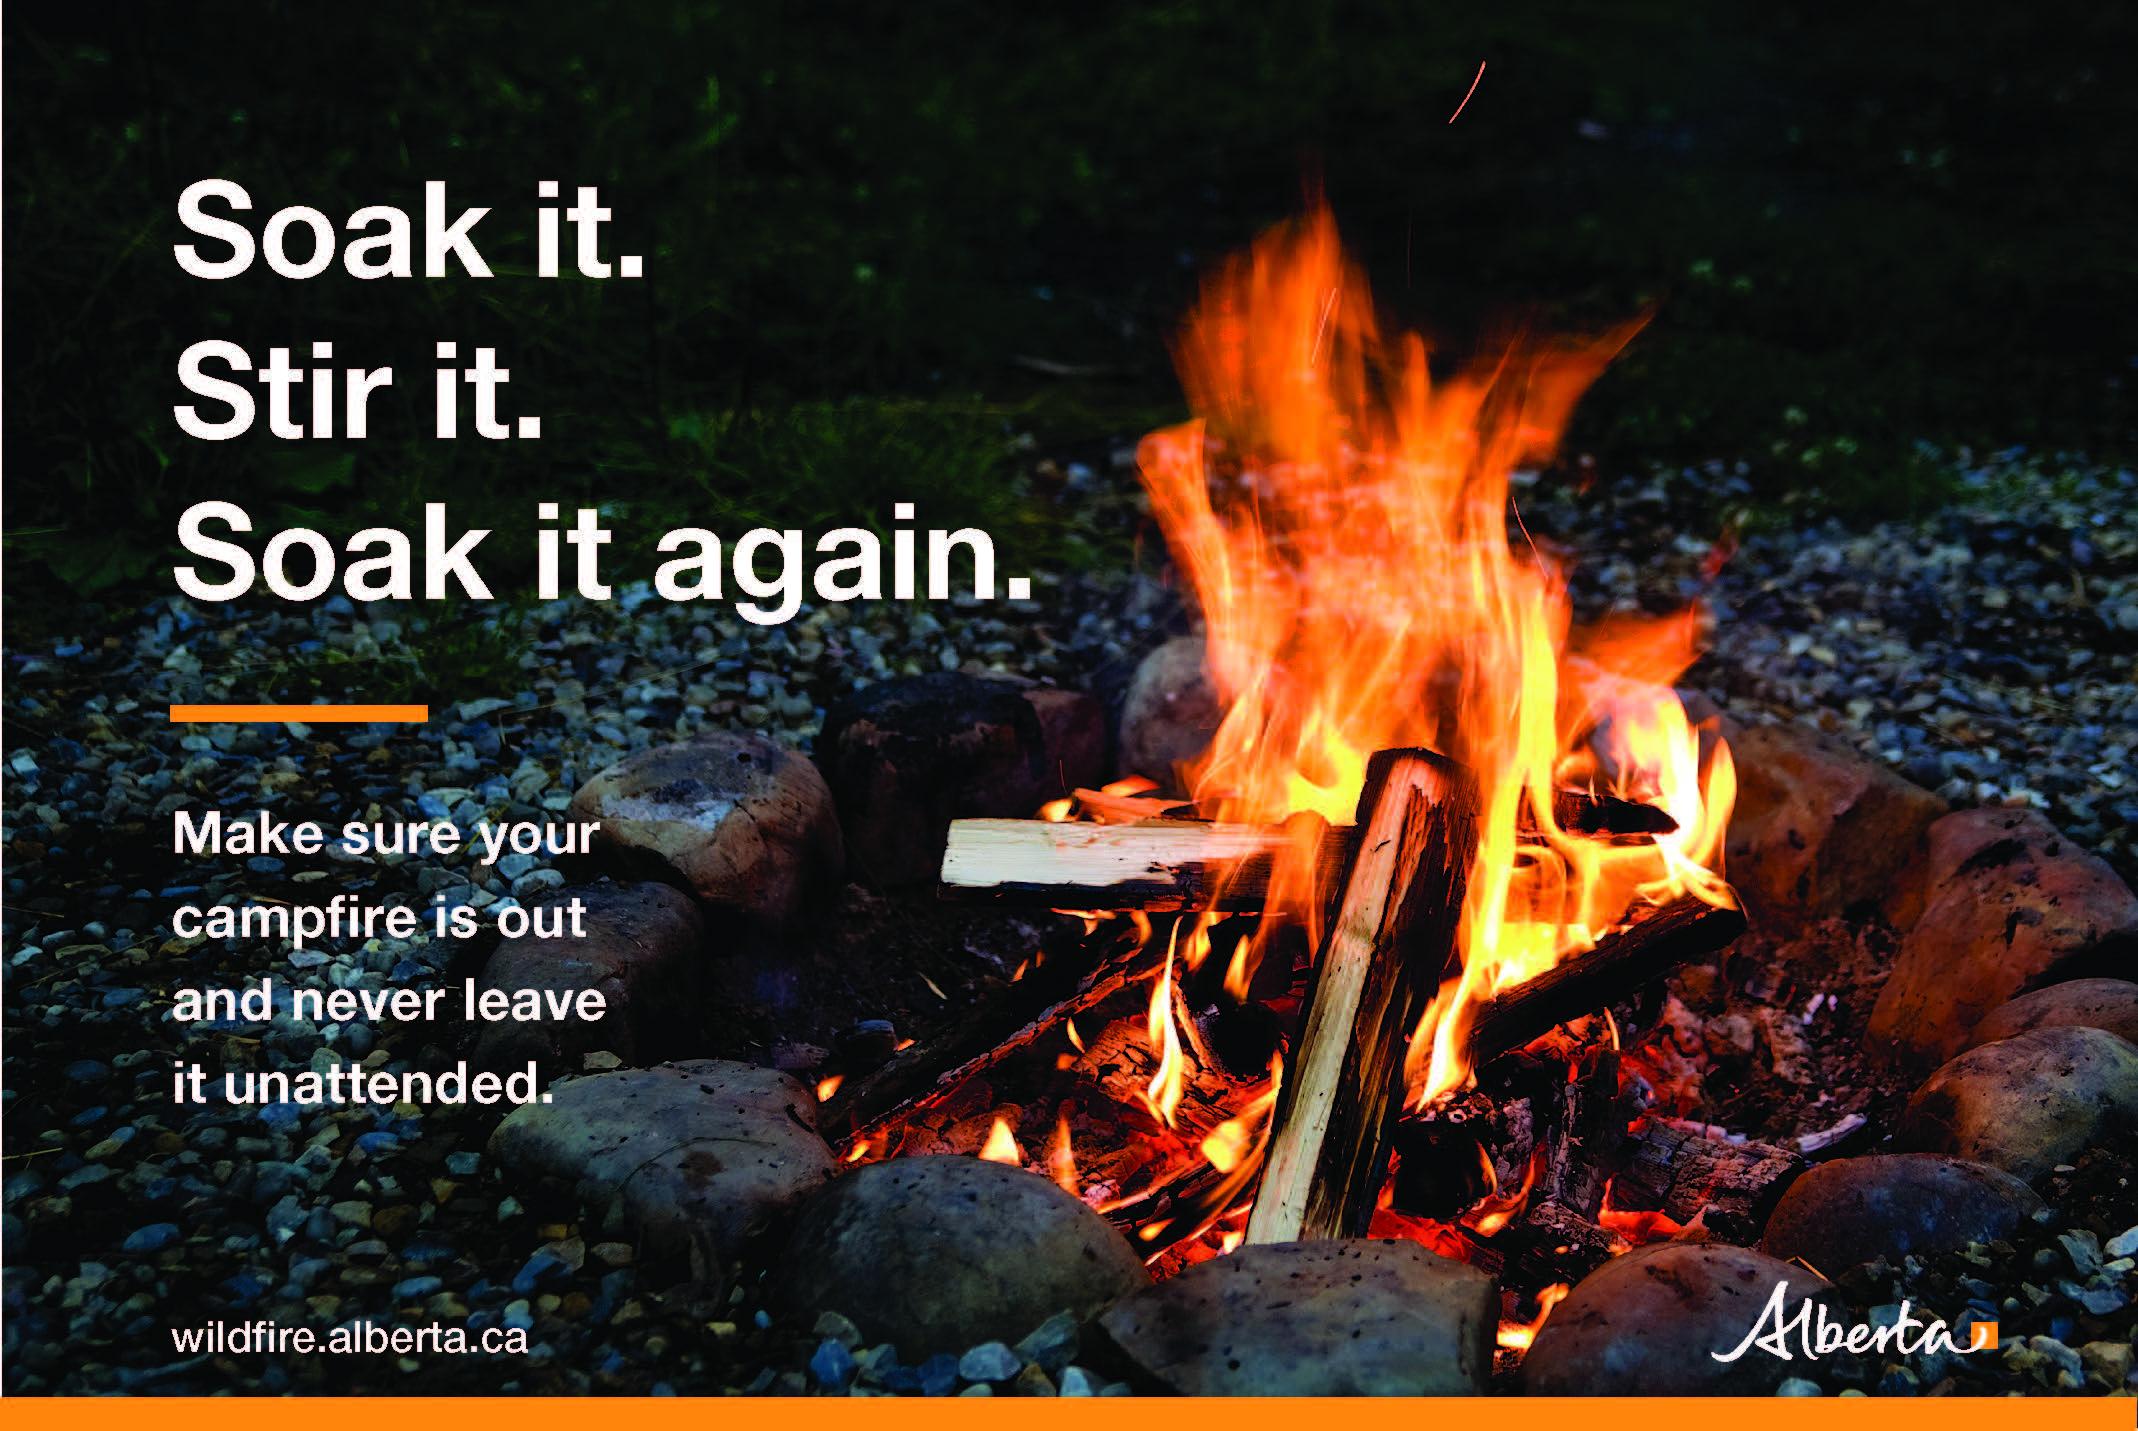 Campfire Ad HI RES